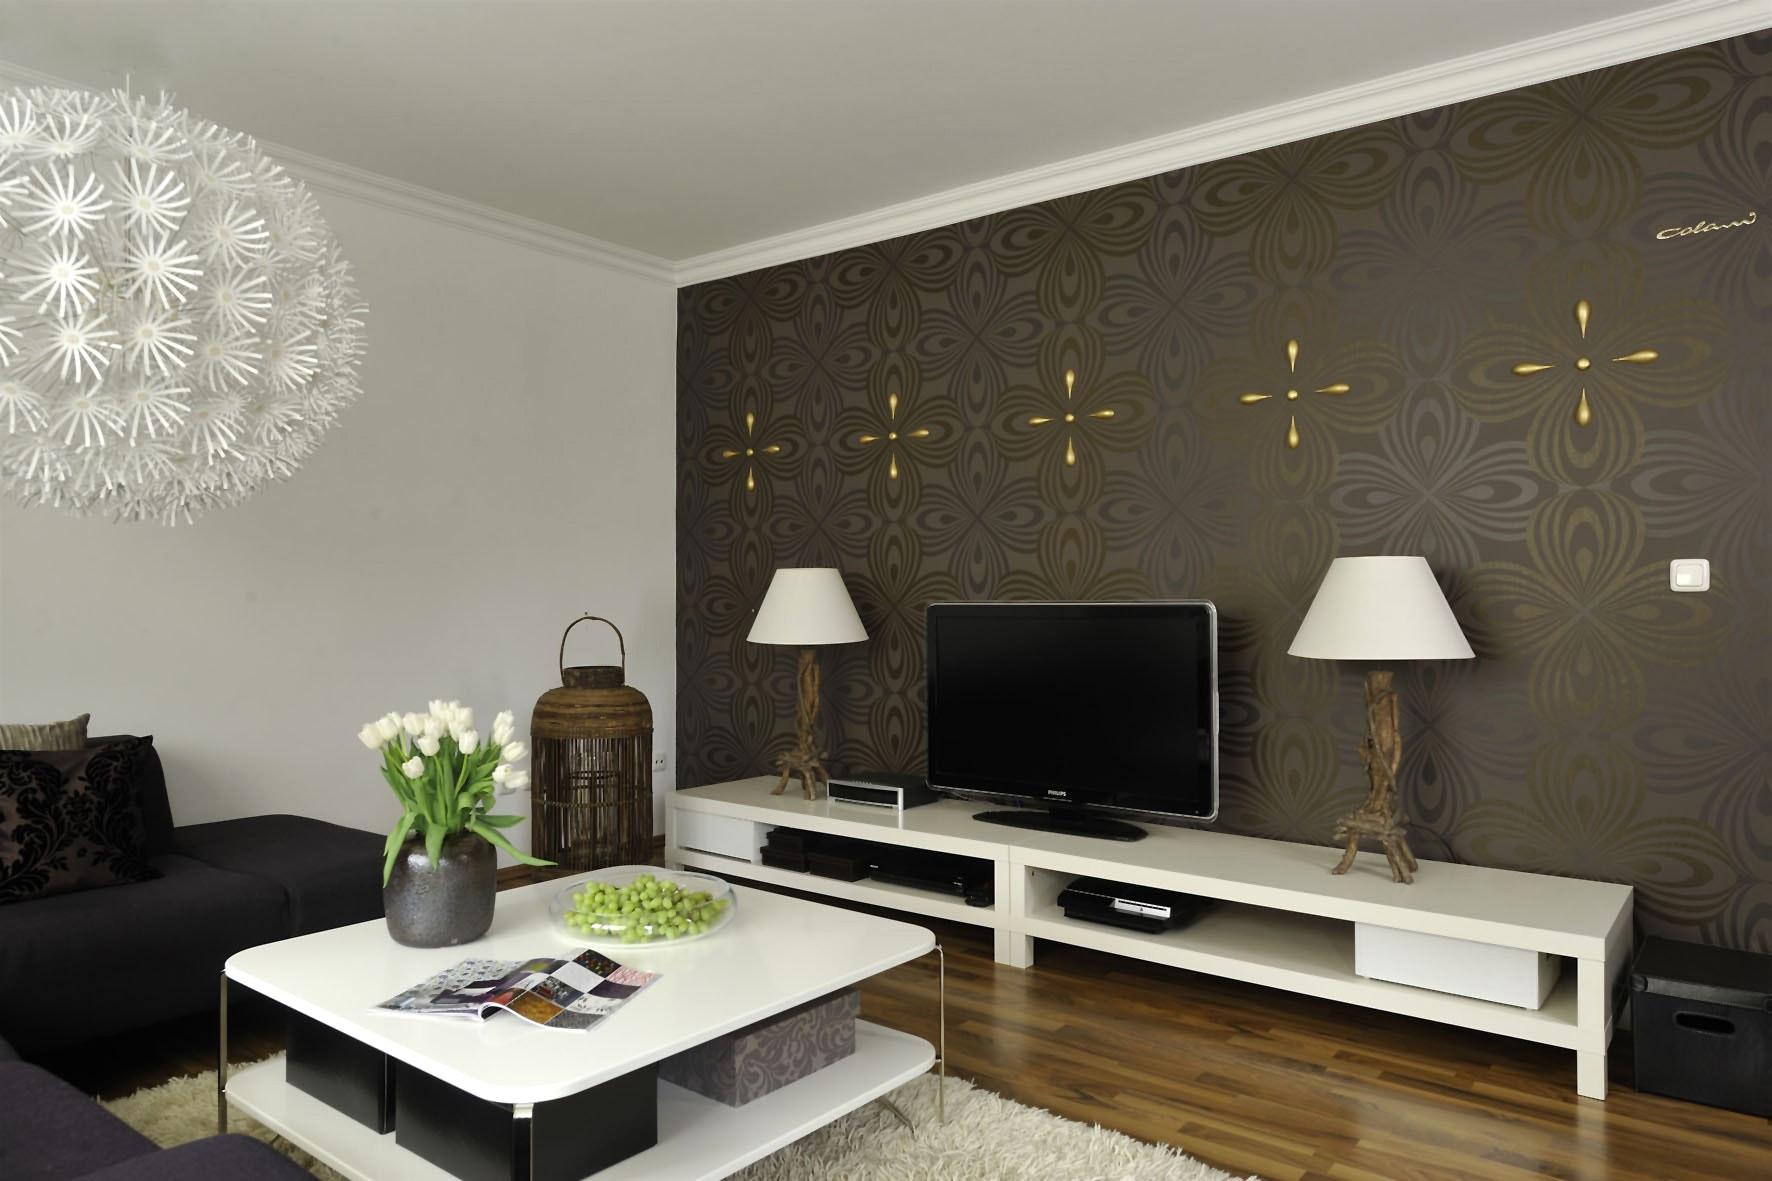 Tapete Braun Beige Akzent Wand Wohnzimmer Erstaunlich On Für Wandgestaltung Konzept 1